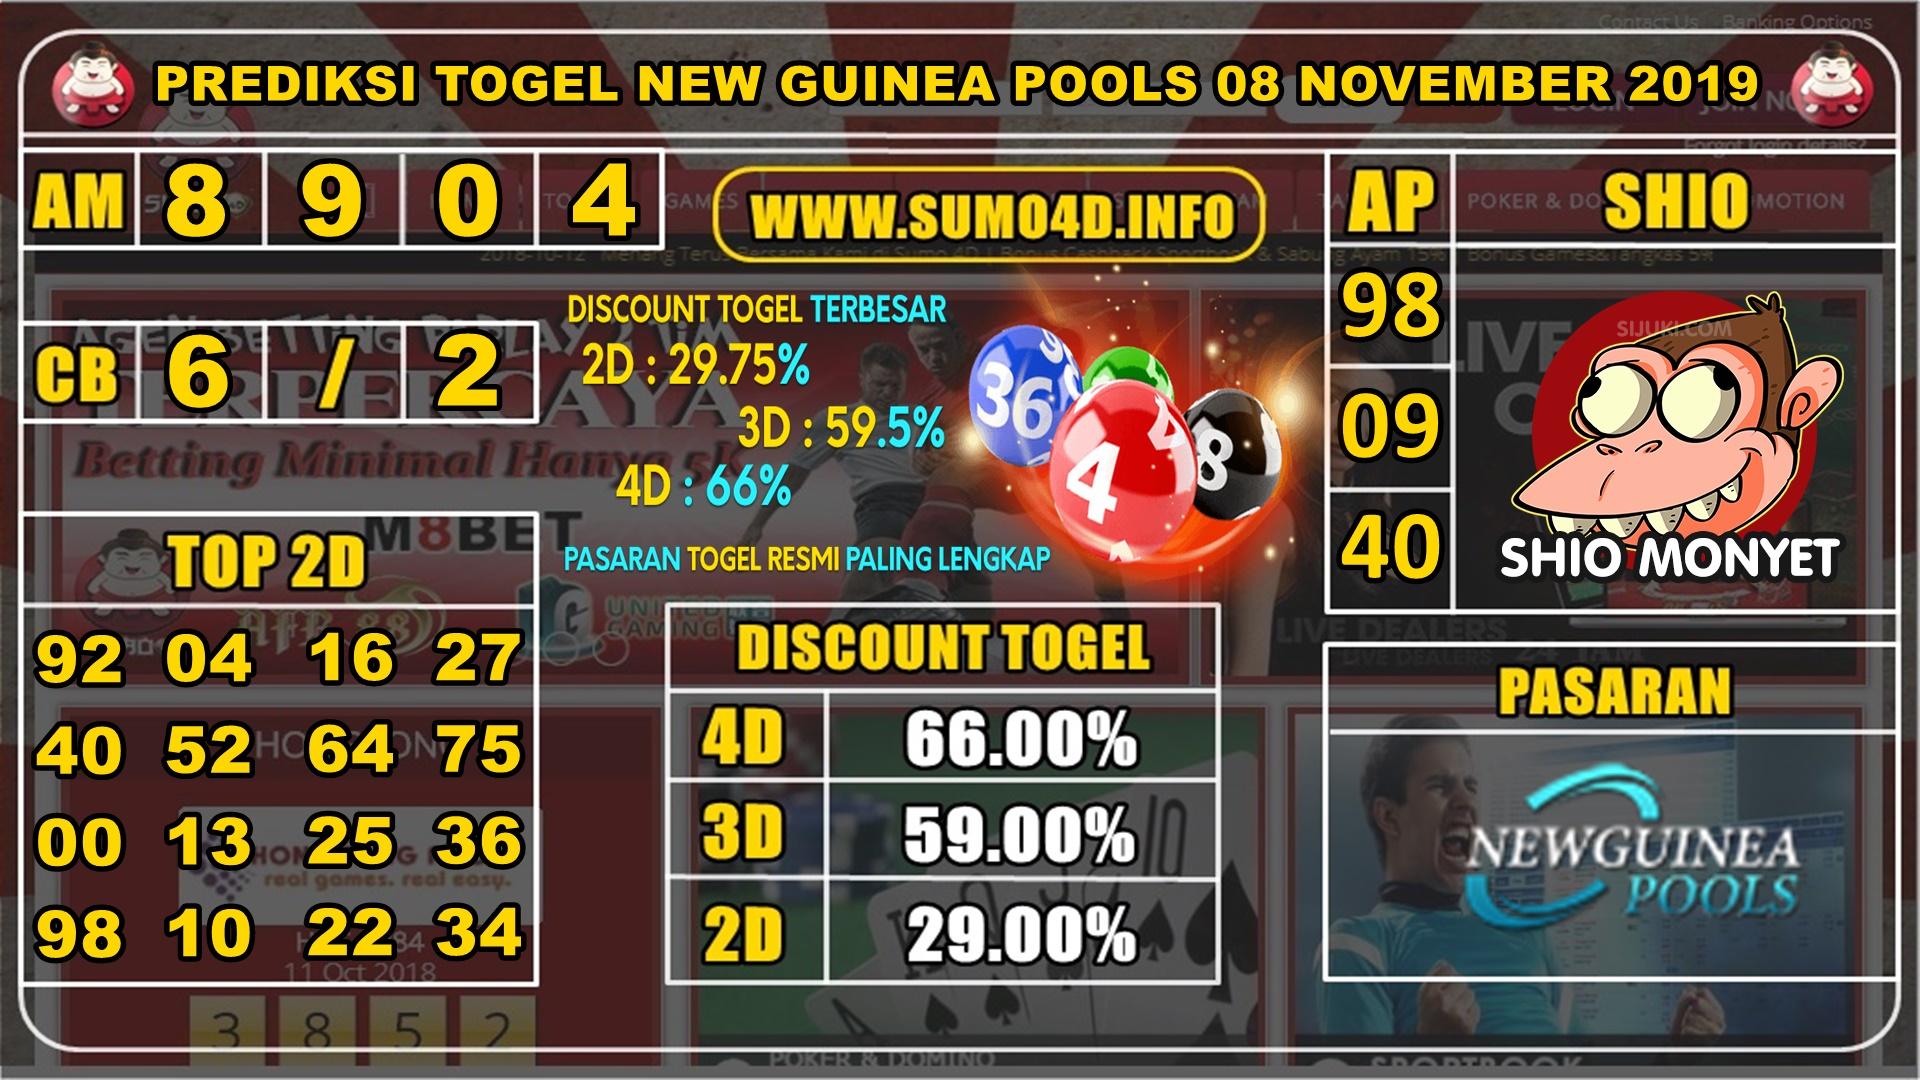 PREDIKSI TOGEL NEW GUINEA POOLS 08 NOVEMBER 2019